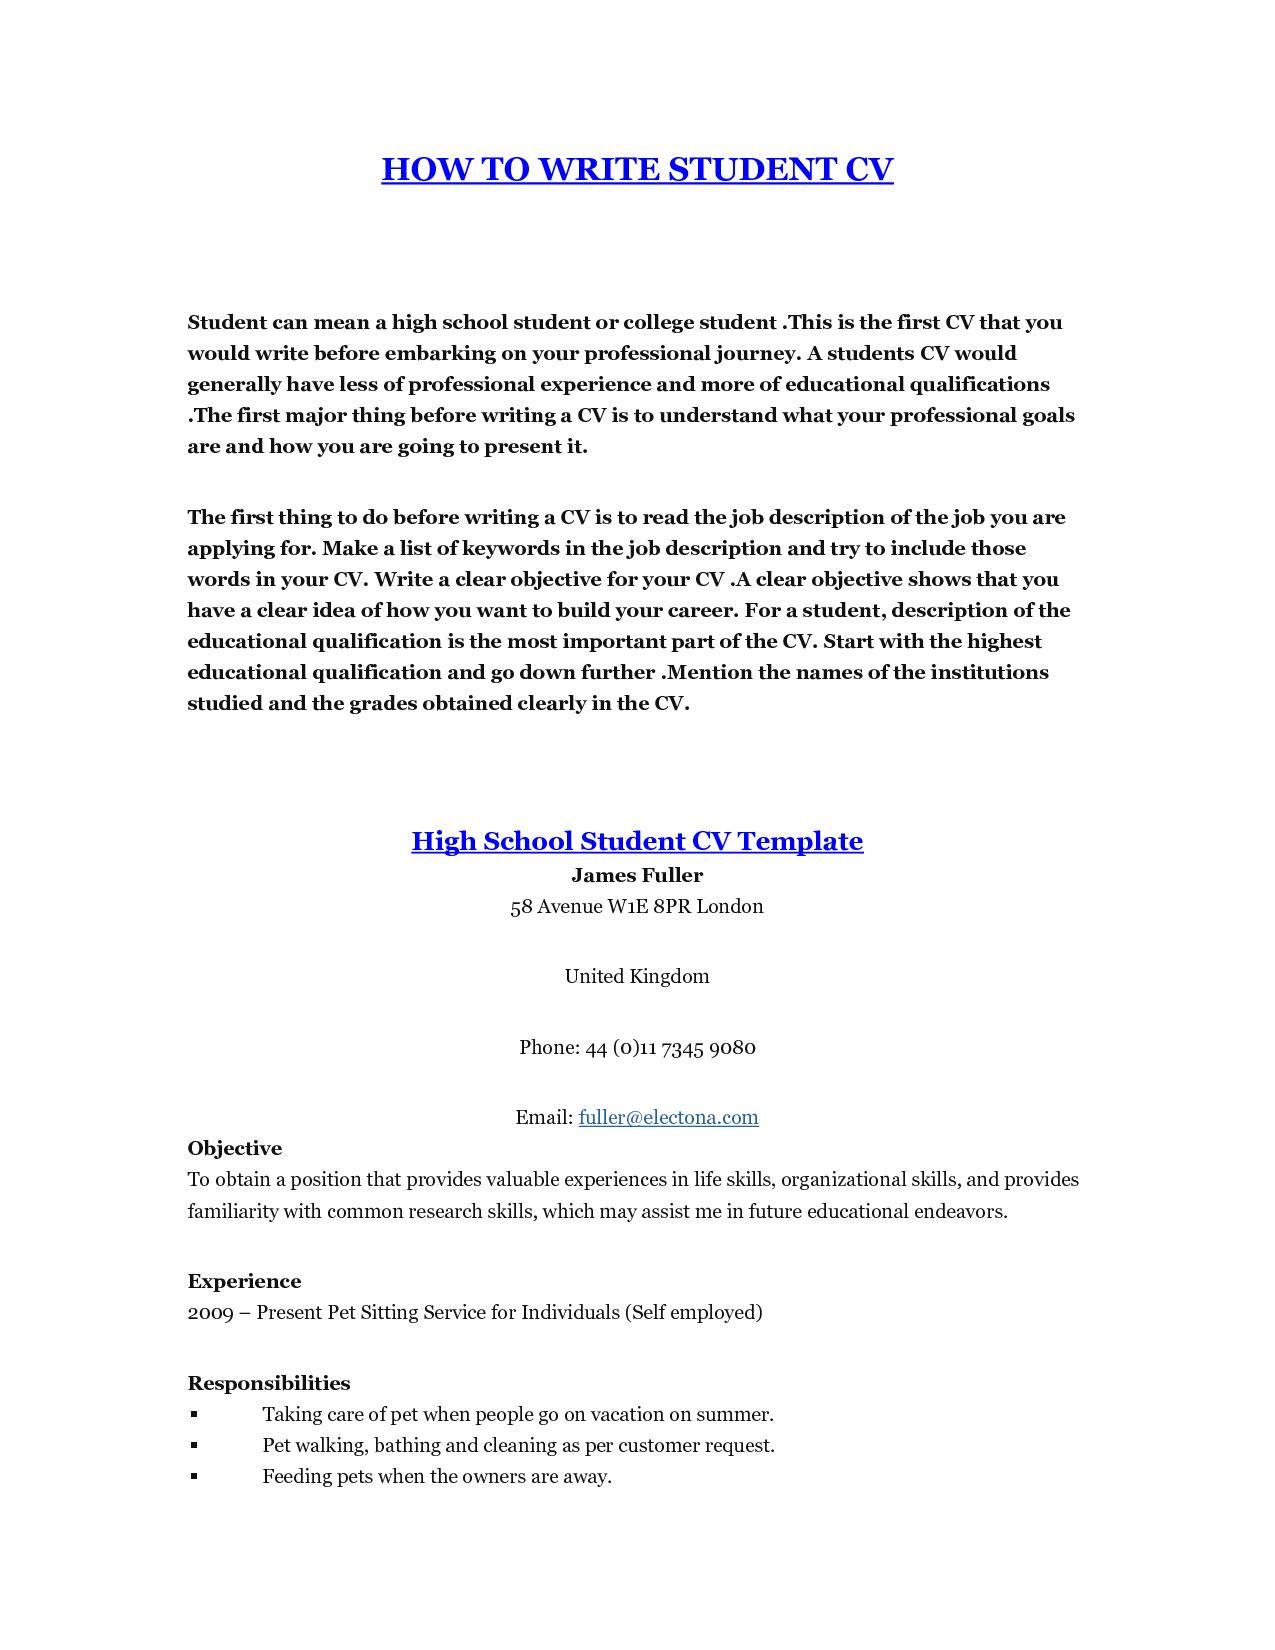 Student Resume Template http//www.jobresume.website